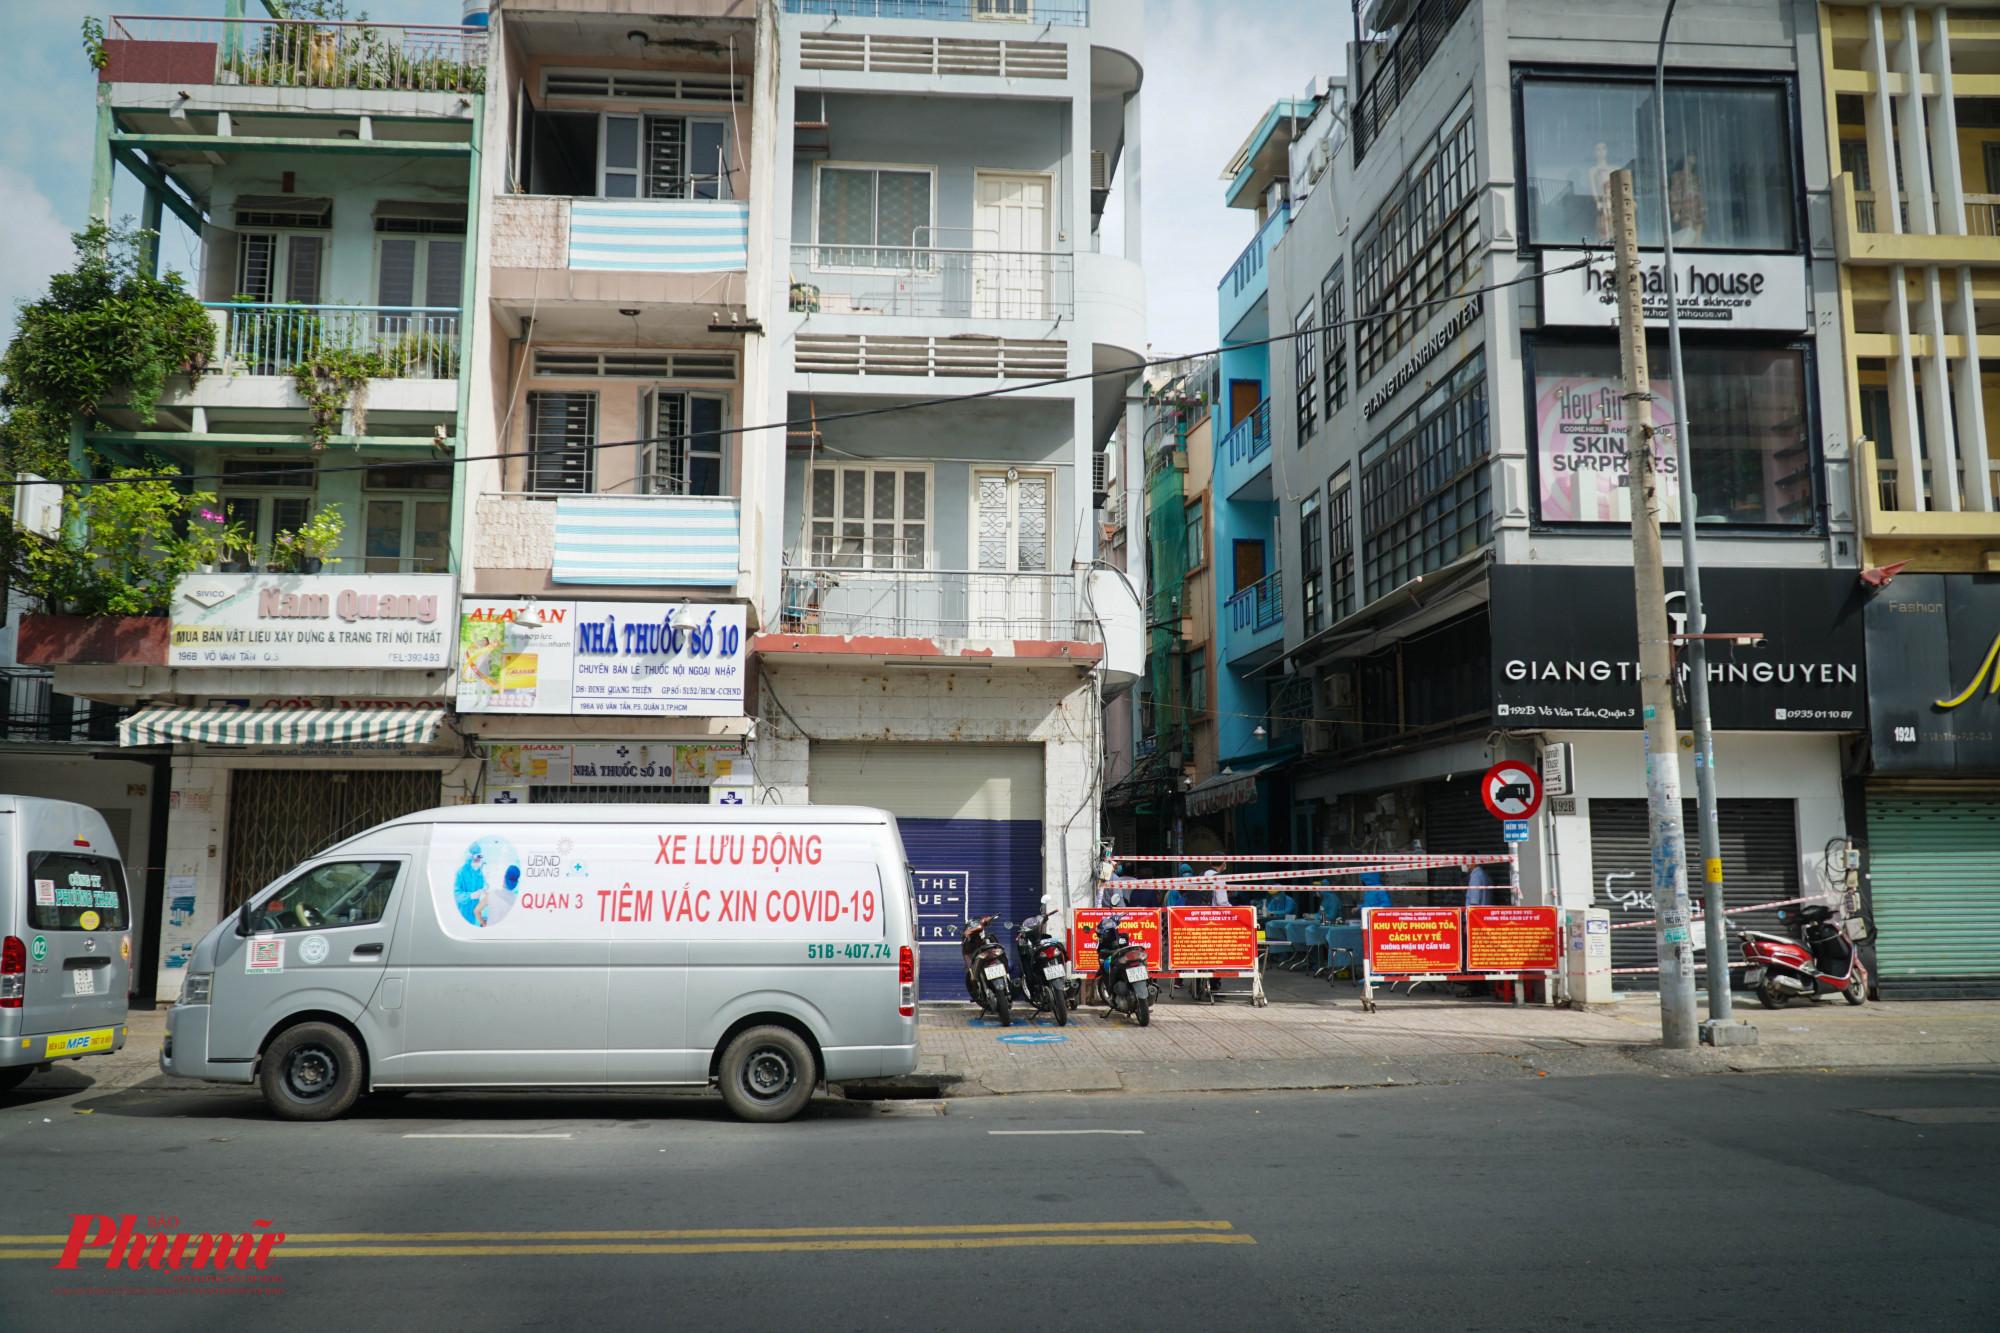 Điểm tiêm chủng lưu động đầu tiên được thực hiện tại hẻm 194 đường Võ Văn Tần, phường 5, Quận 3